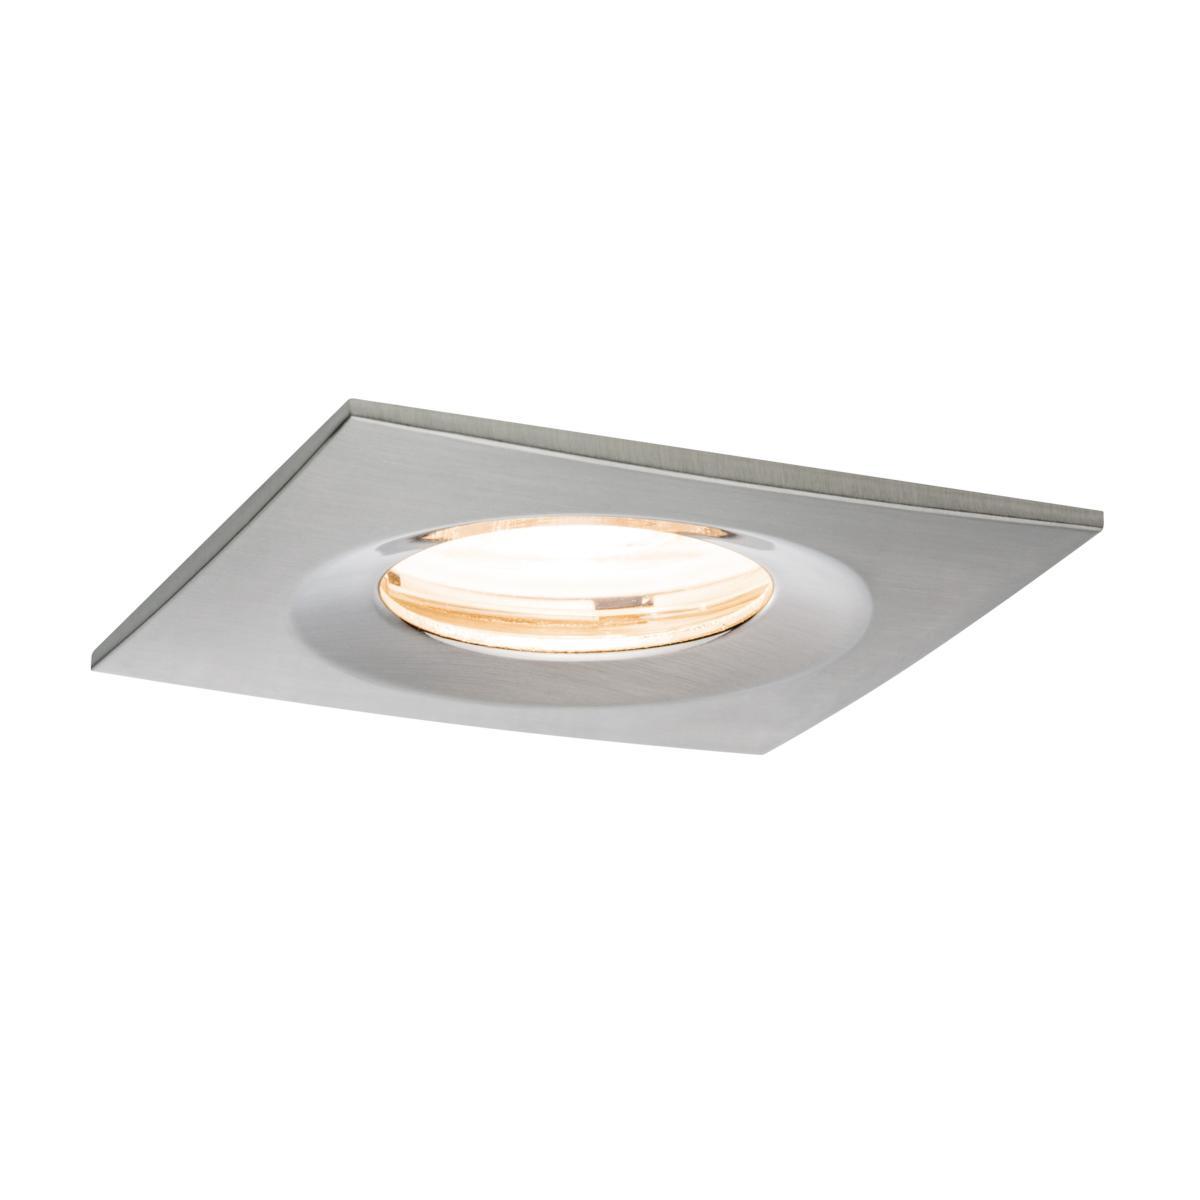 Spot led ip65 encastrable dimmable acier carr 7w 230v - Spot led ip65 12v ...